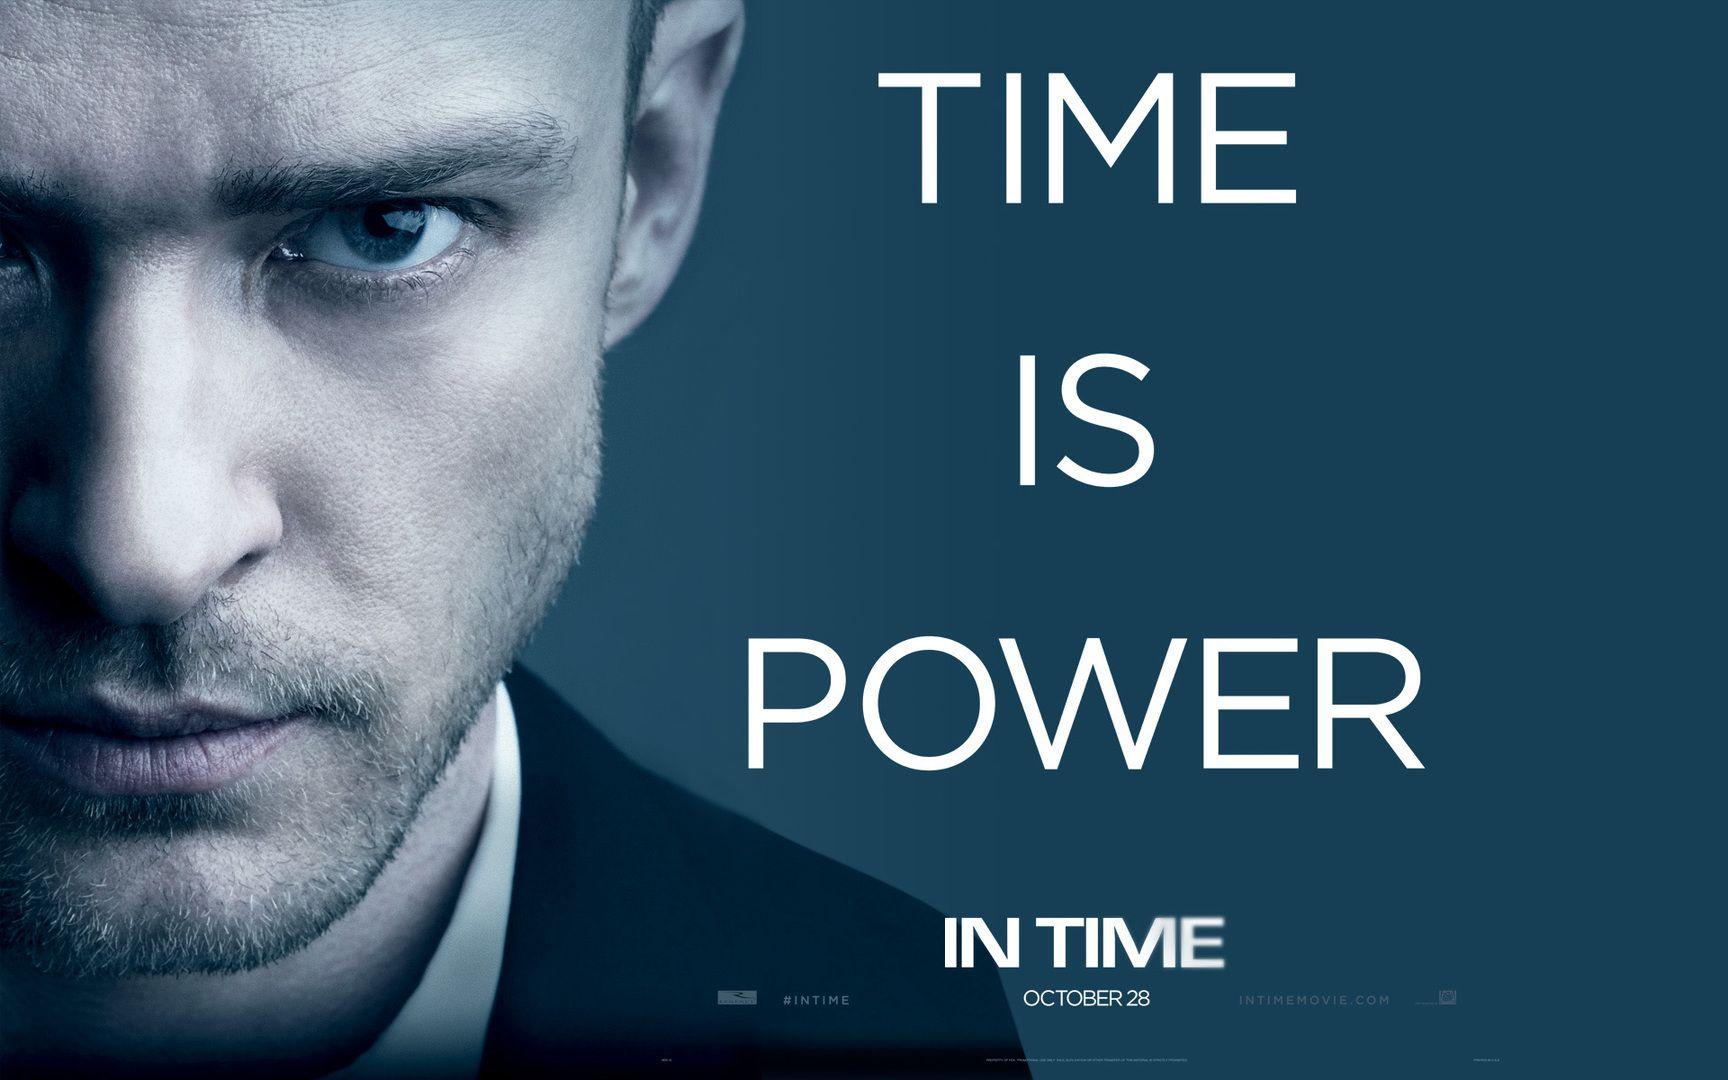 time justin timberlake Wallpaper HD Wallpaper